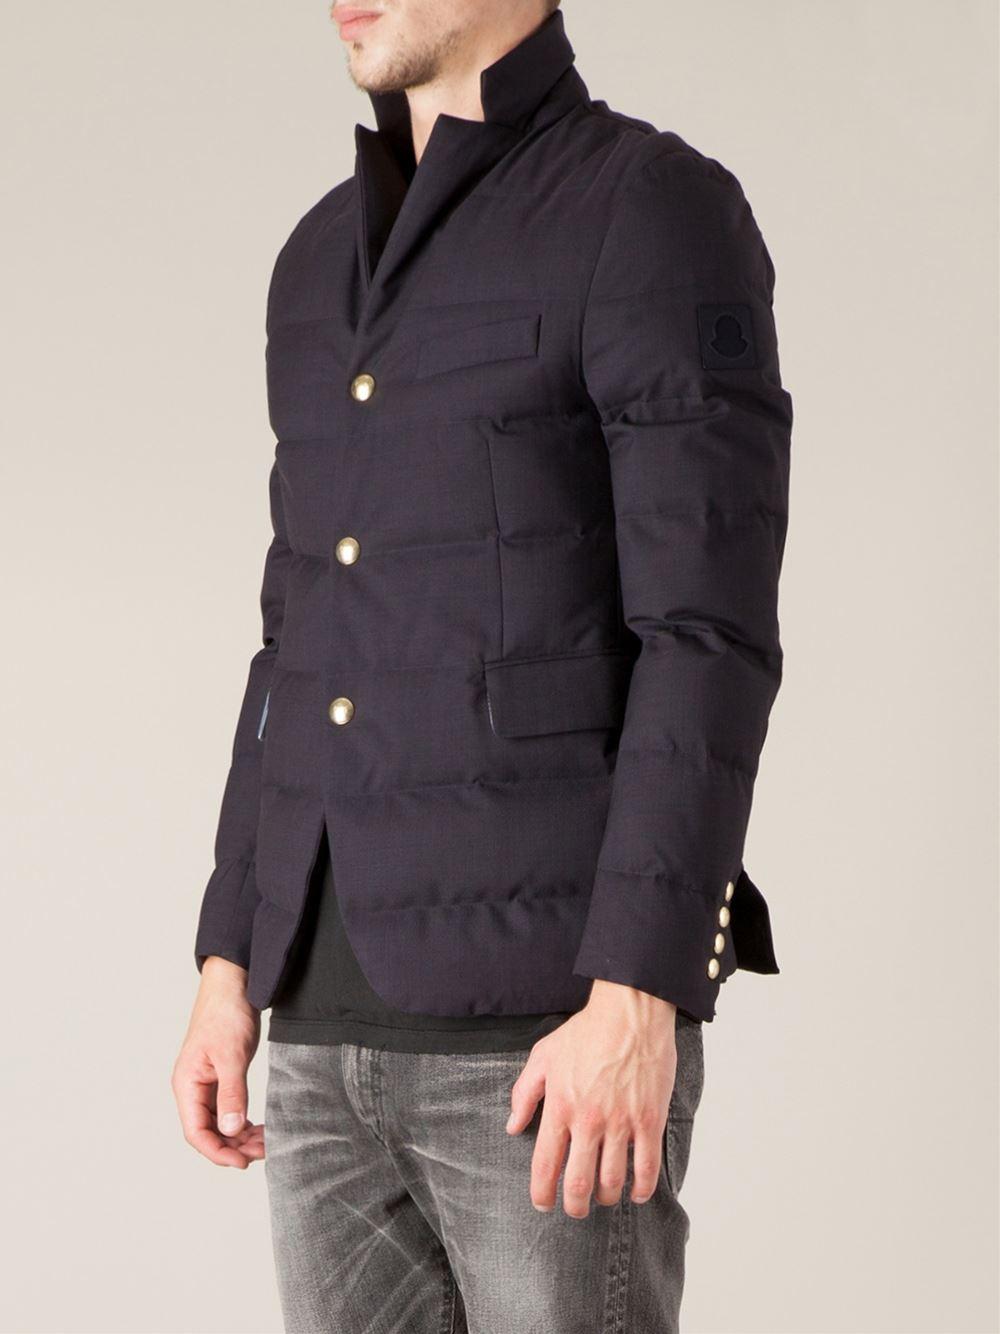 moncler gamme bleu quilted jacket herren. Black Bedroom Furniture Sets. Home Design Ideas